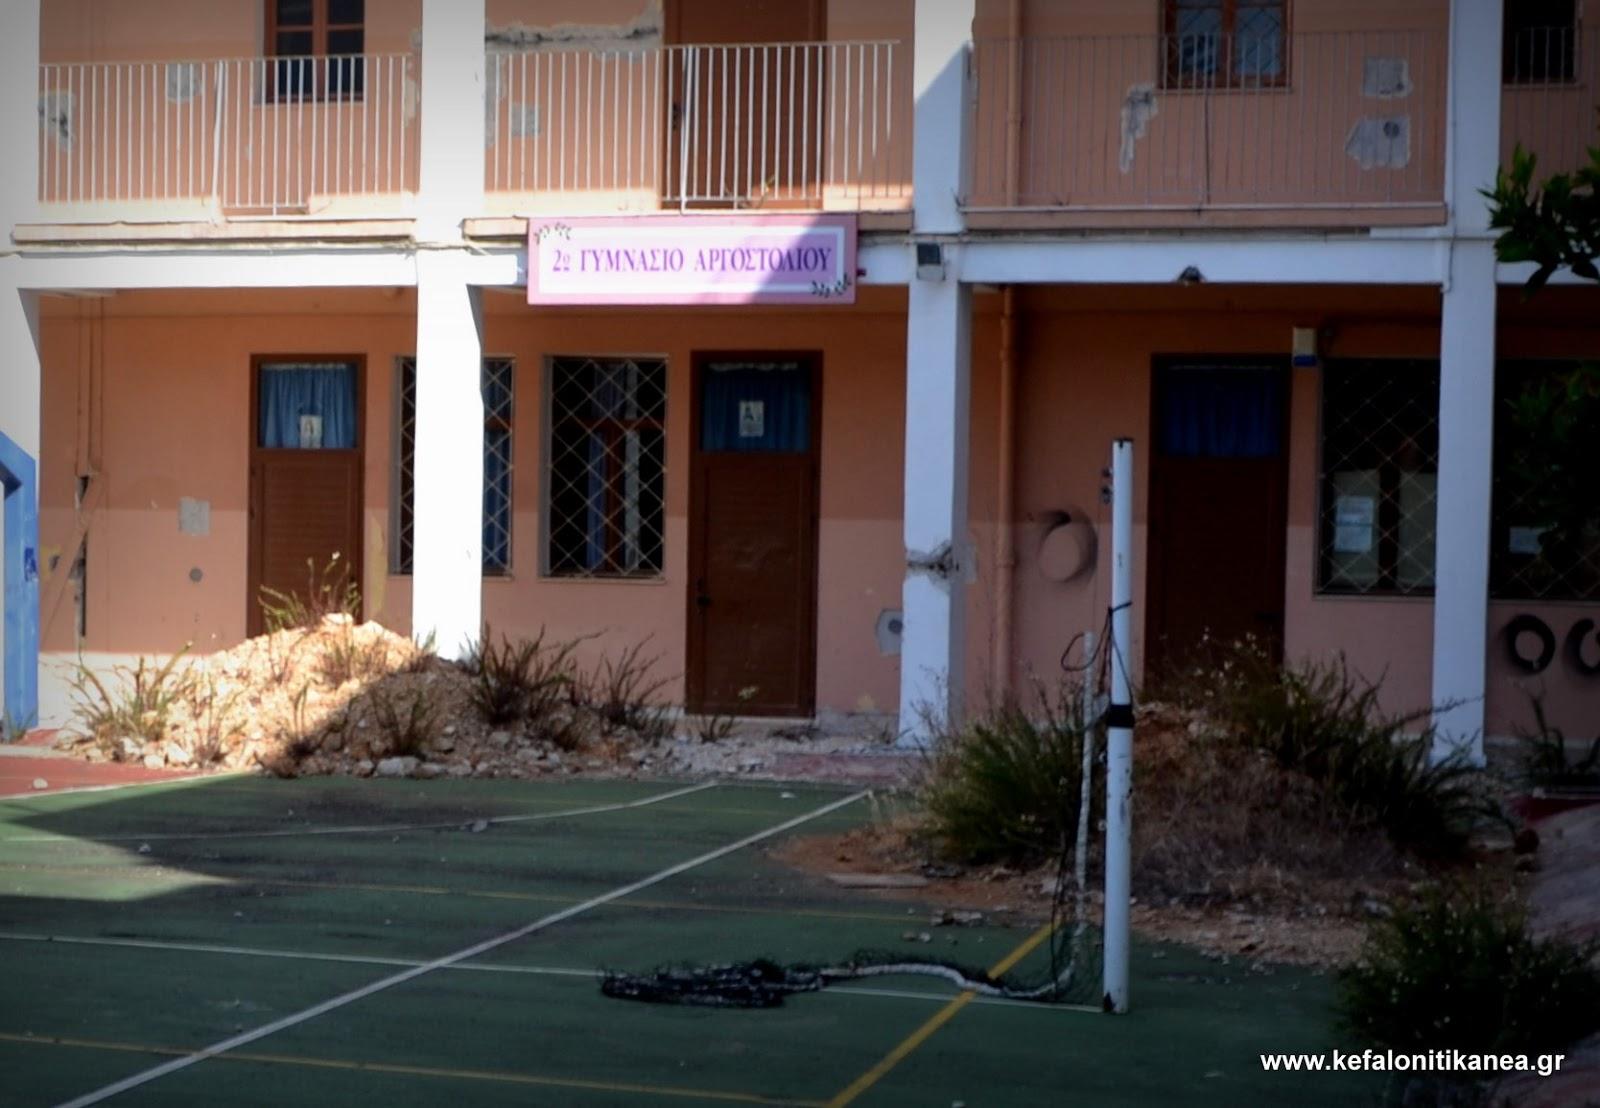 Αποτέλεσμα εικόνας για σχολεία site:kefalonitikanea.gr